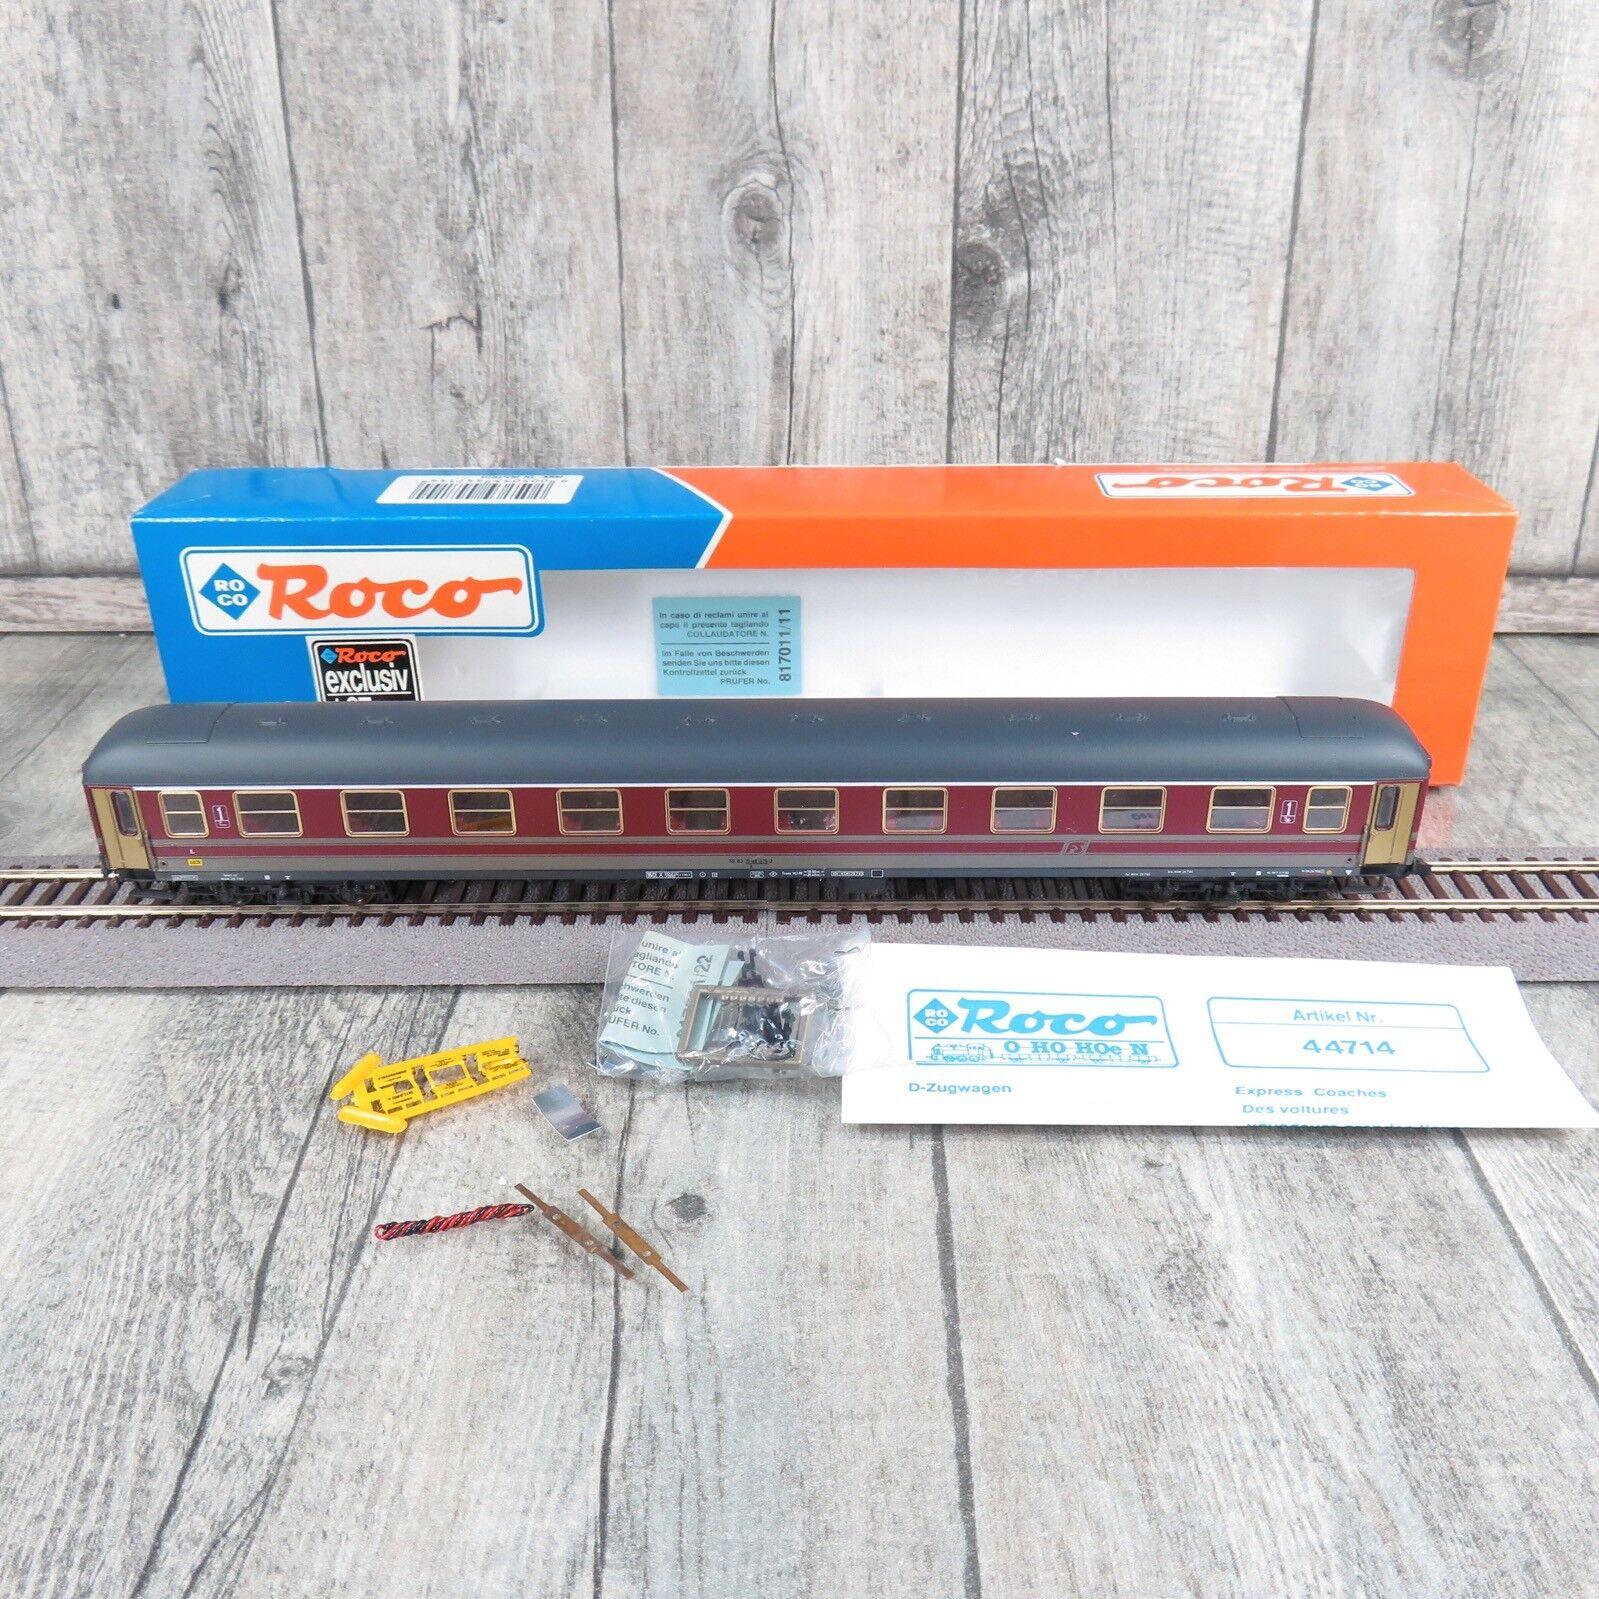 ROCO 44714 - H0 - FS -Personenwagen 50 83 10 88 076-2- OVP -  B18800